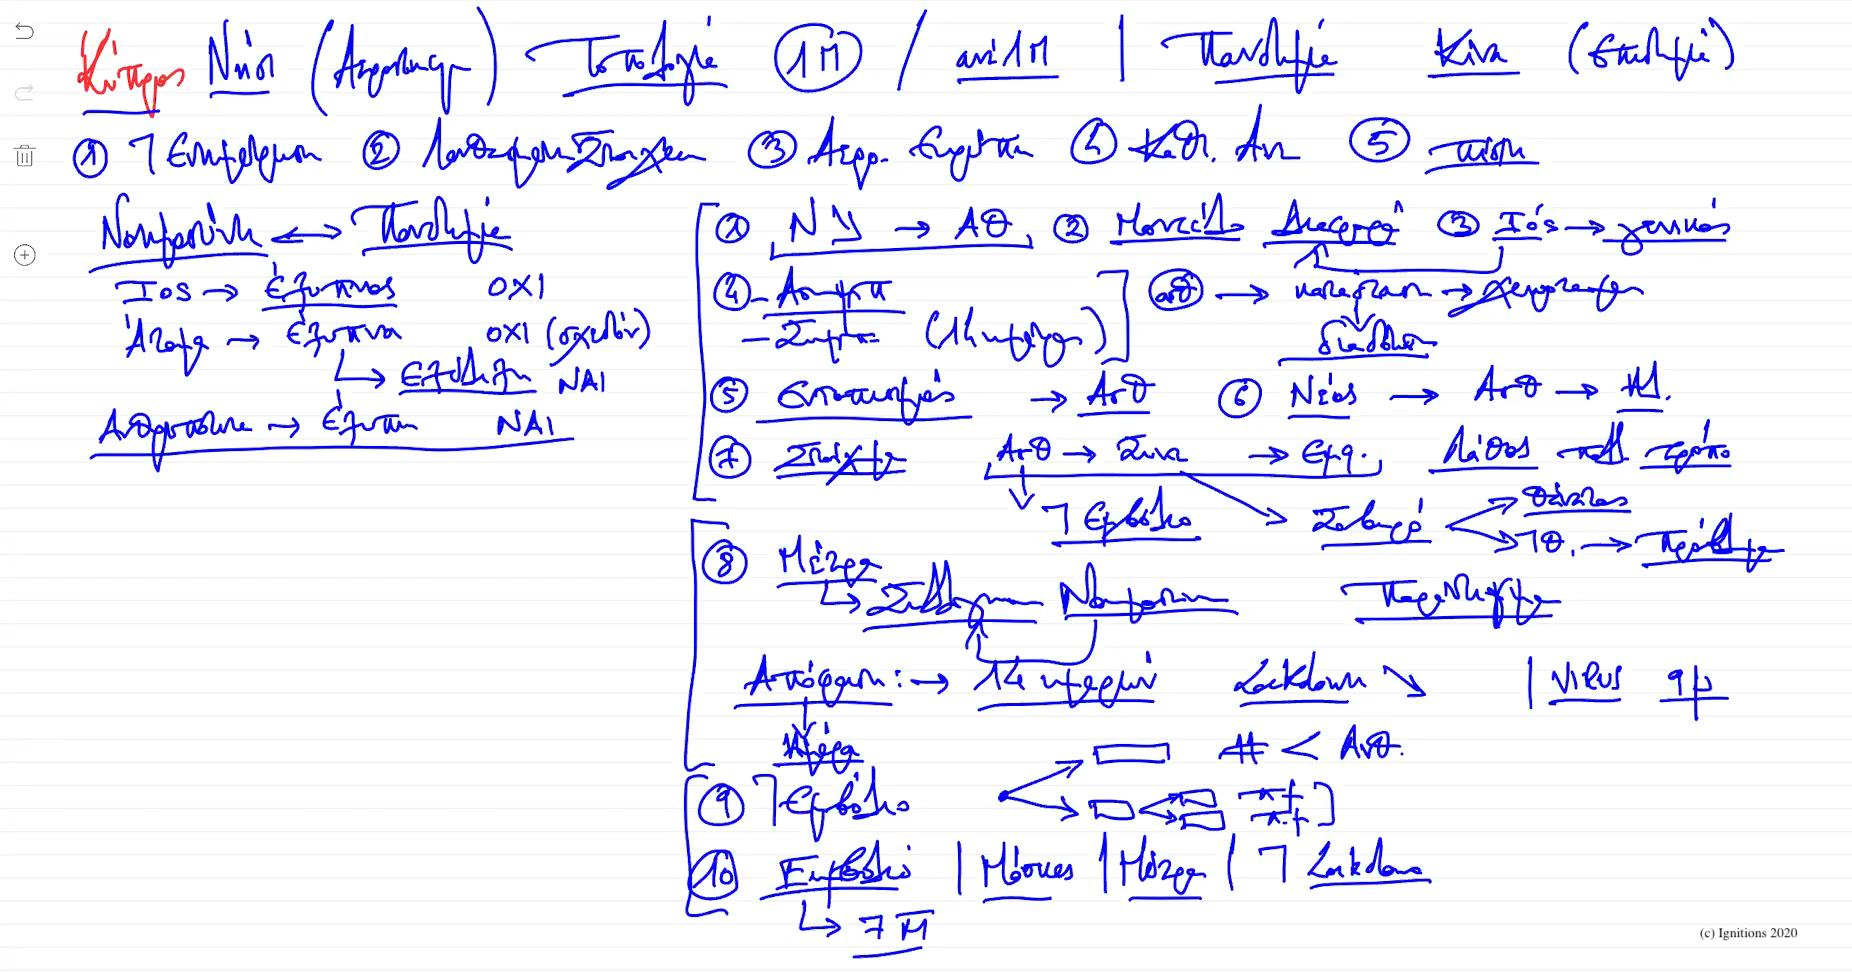 56278 - ΙΙ - e-Διάλεξη: Νοημοσύνη ενάντια στην πανδημία. (Dessin)